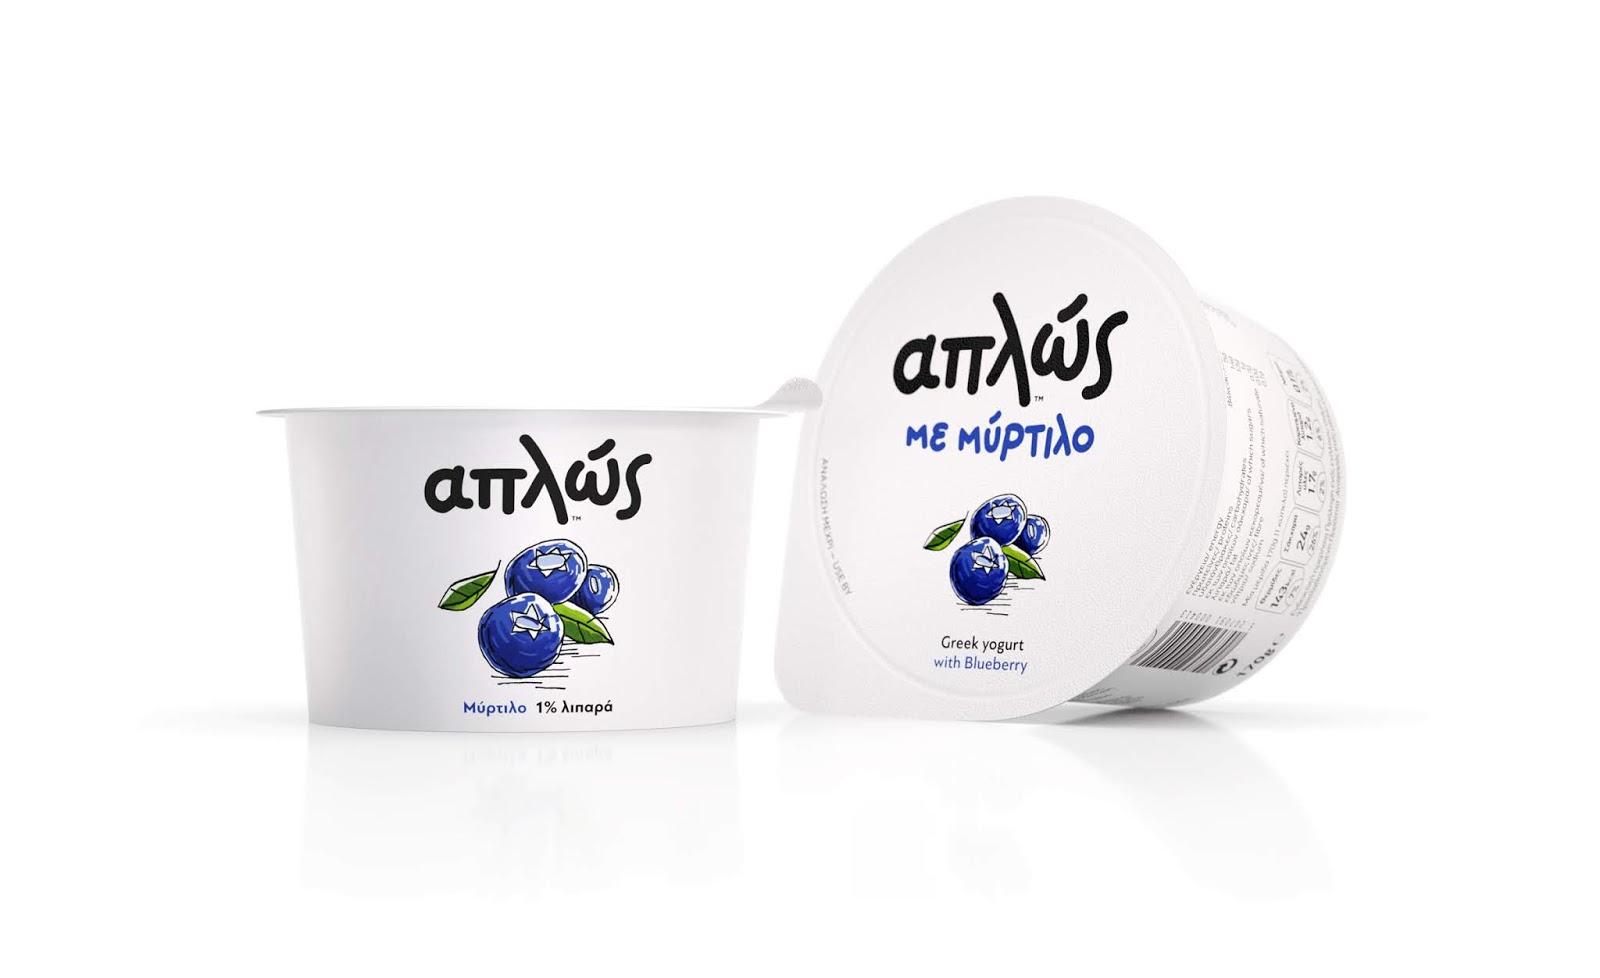 來自希臘的酸奶——食品包裝設計